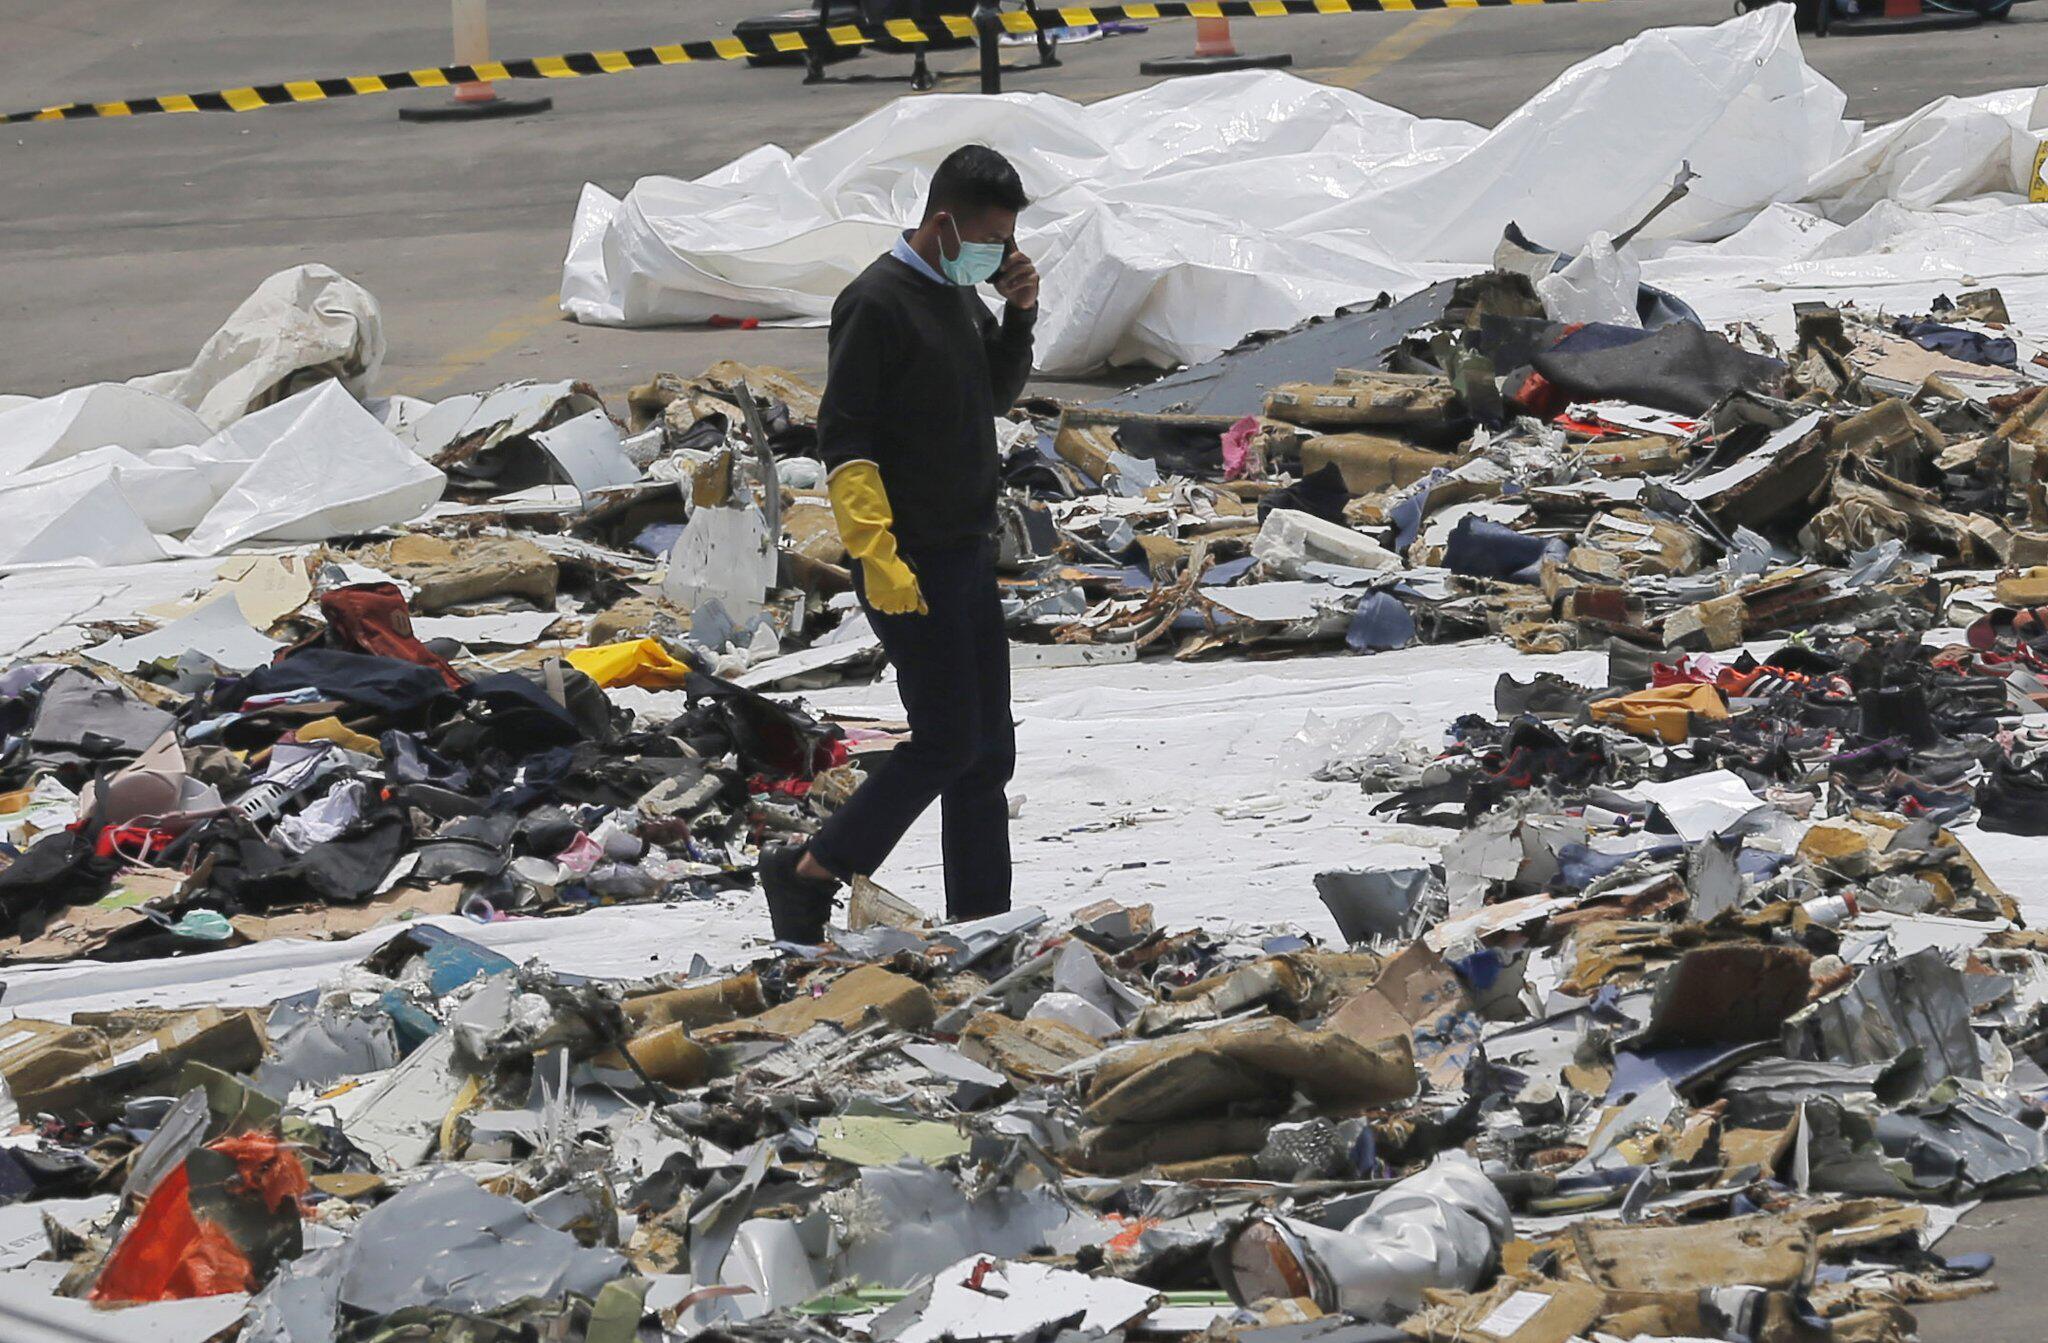 Bild zu Bericht macht Boeing für Absturz in Indonesien verantwortlich